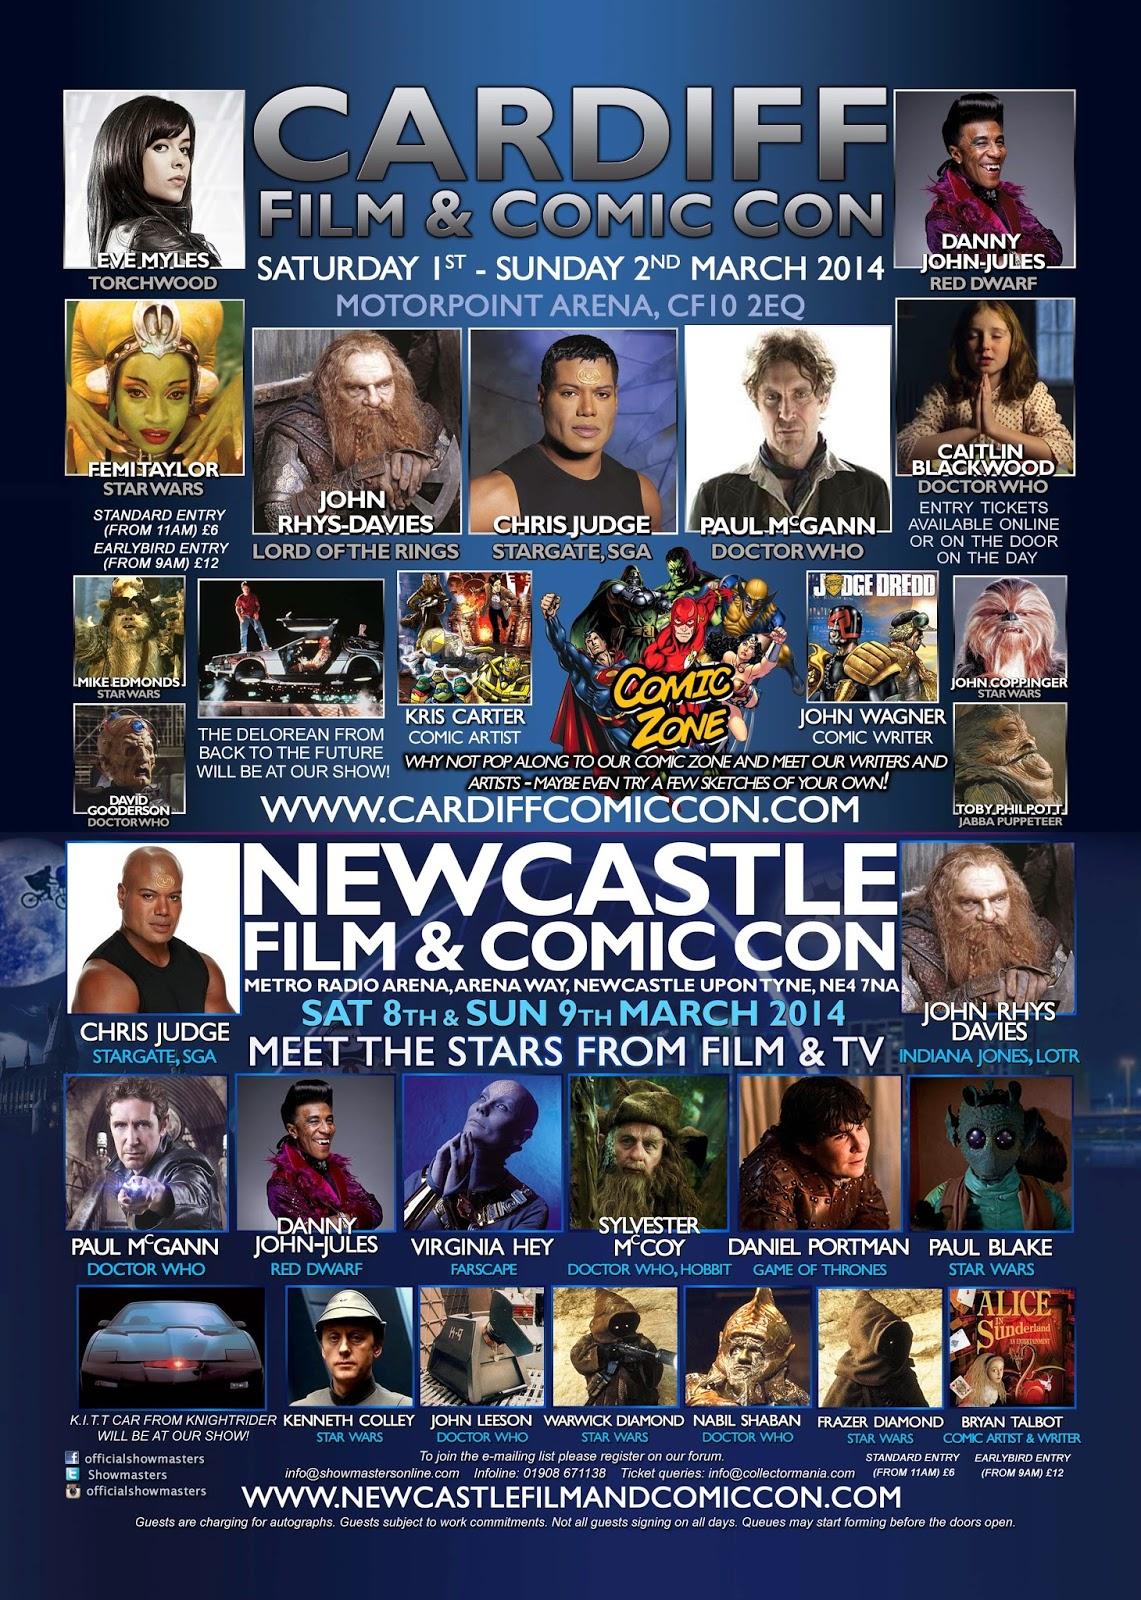 Cardiff Film & Comic Con